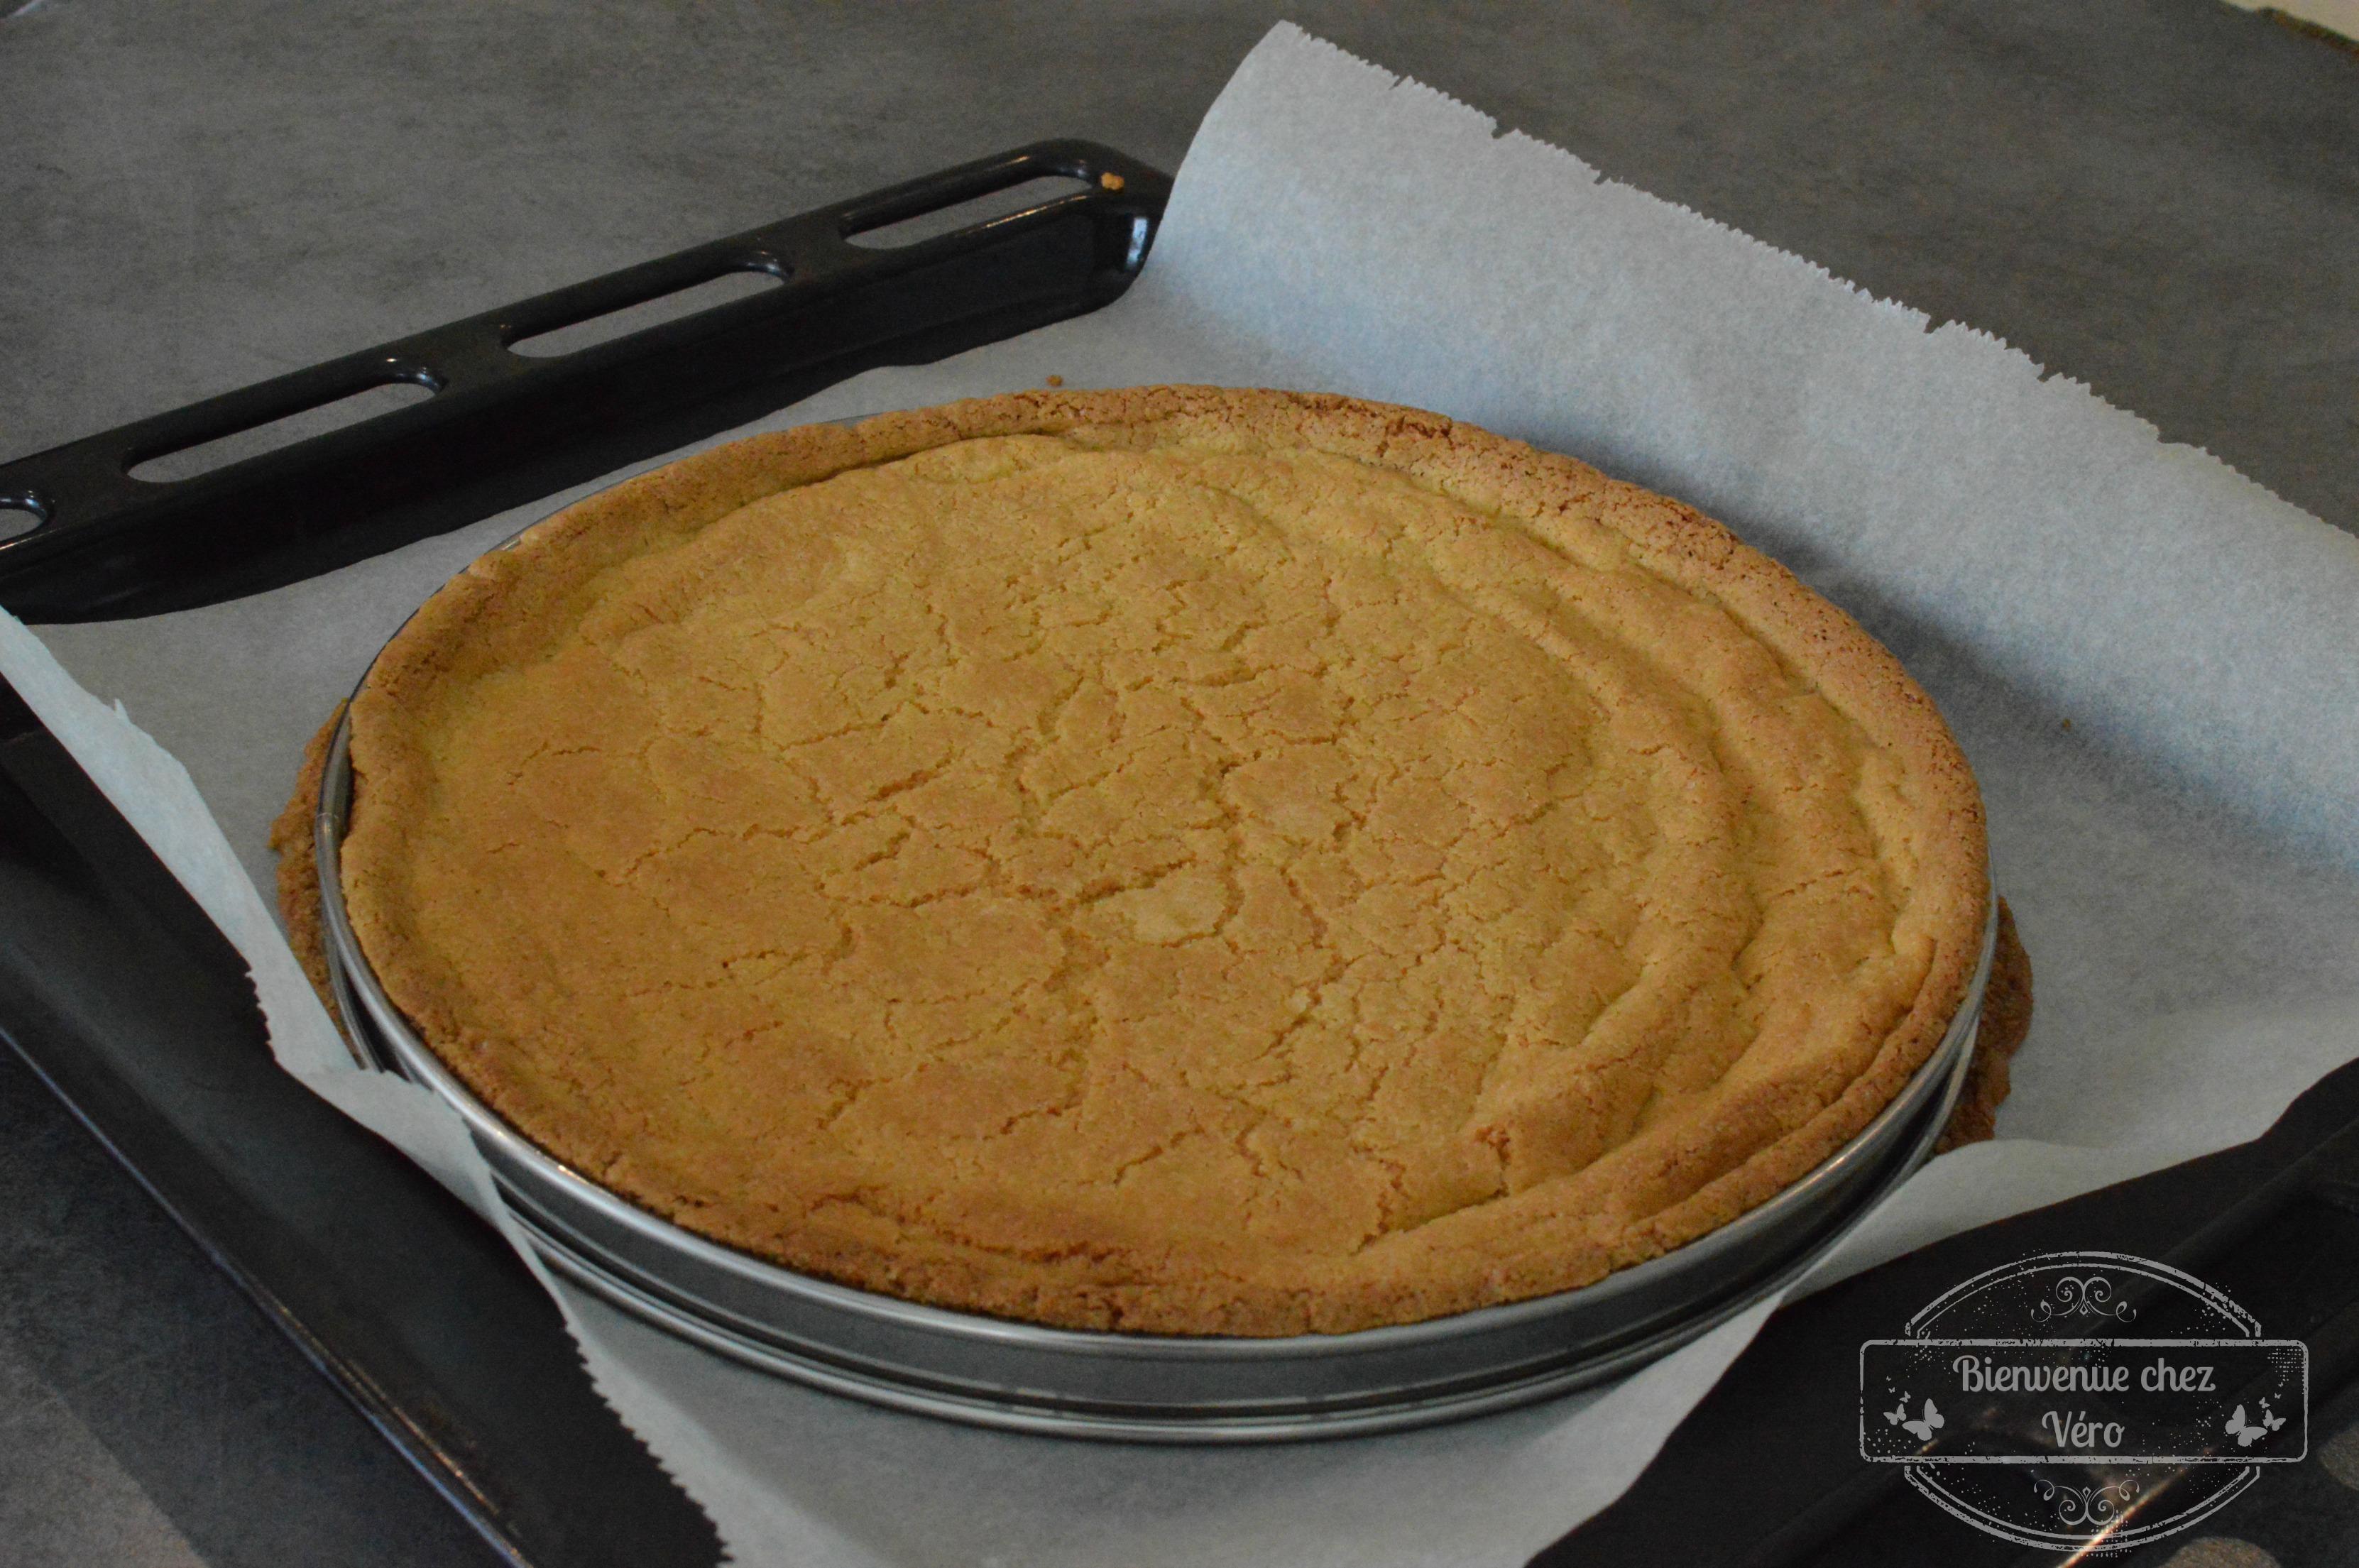 DSC_3721 tarte folle